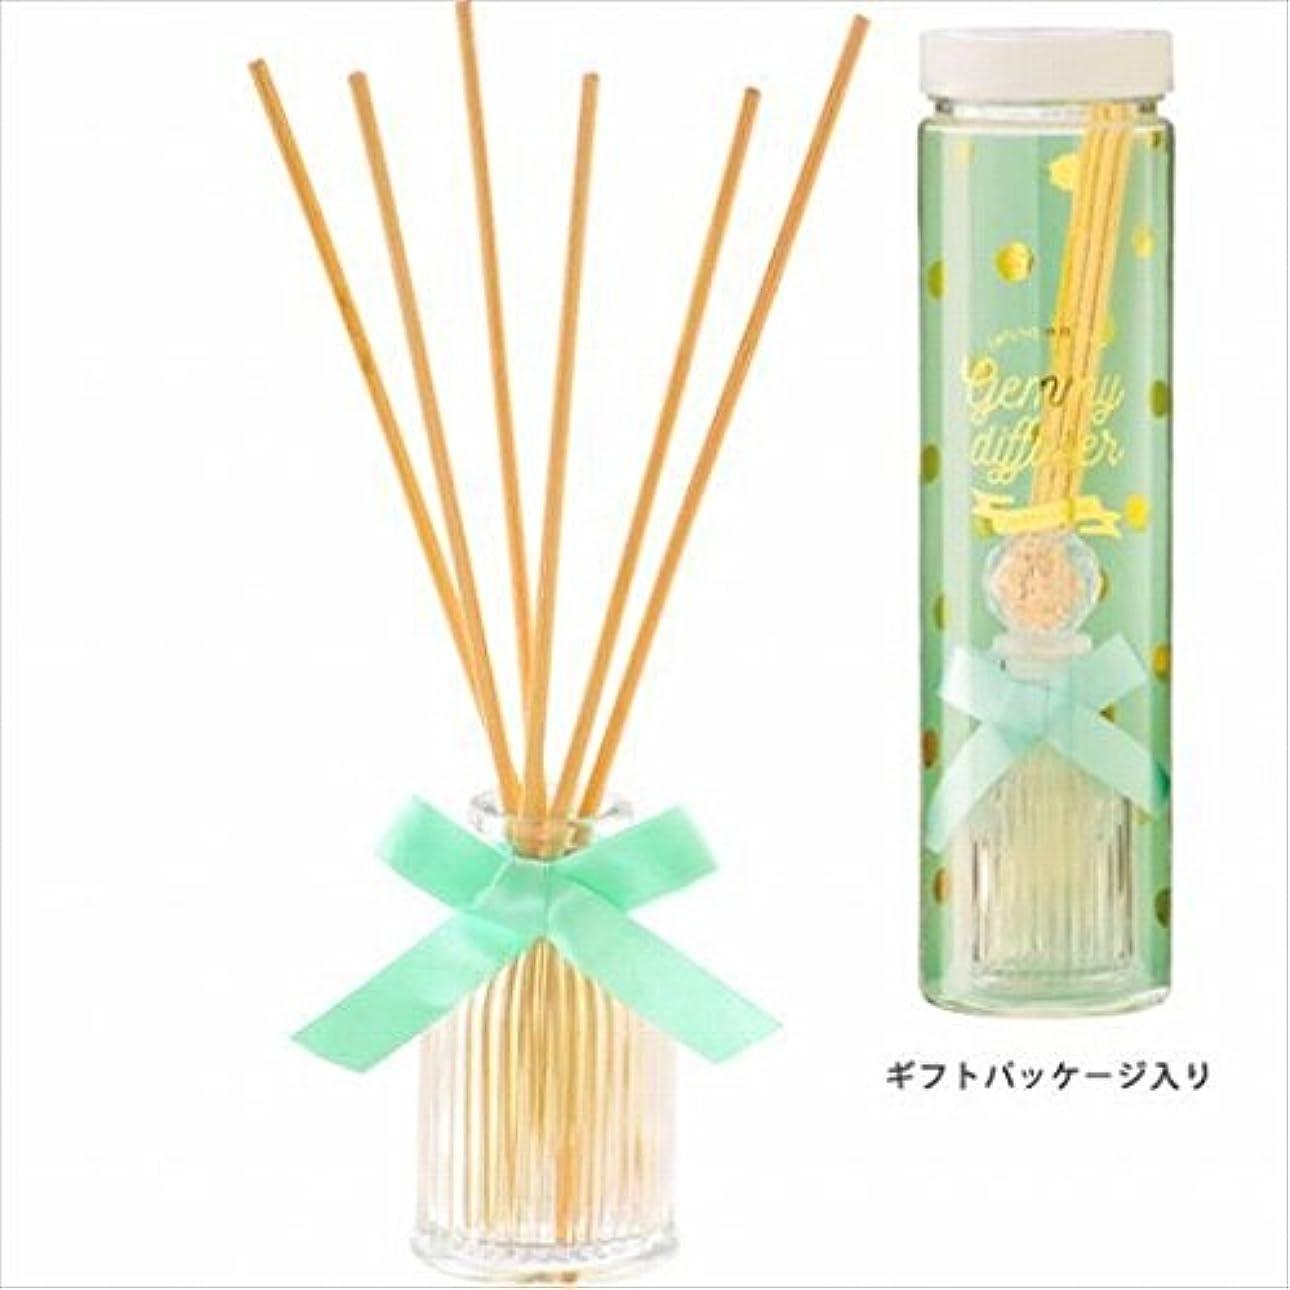 圧力南西かもしれないkameyama candle(カメヤマキャンドル) GEMMY (ジェミー) ディフューザー 「 タイム 」6個セット(E3280510)